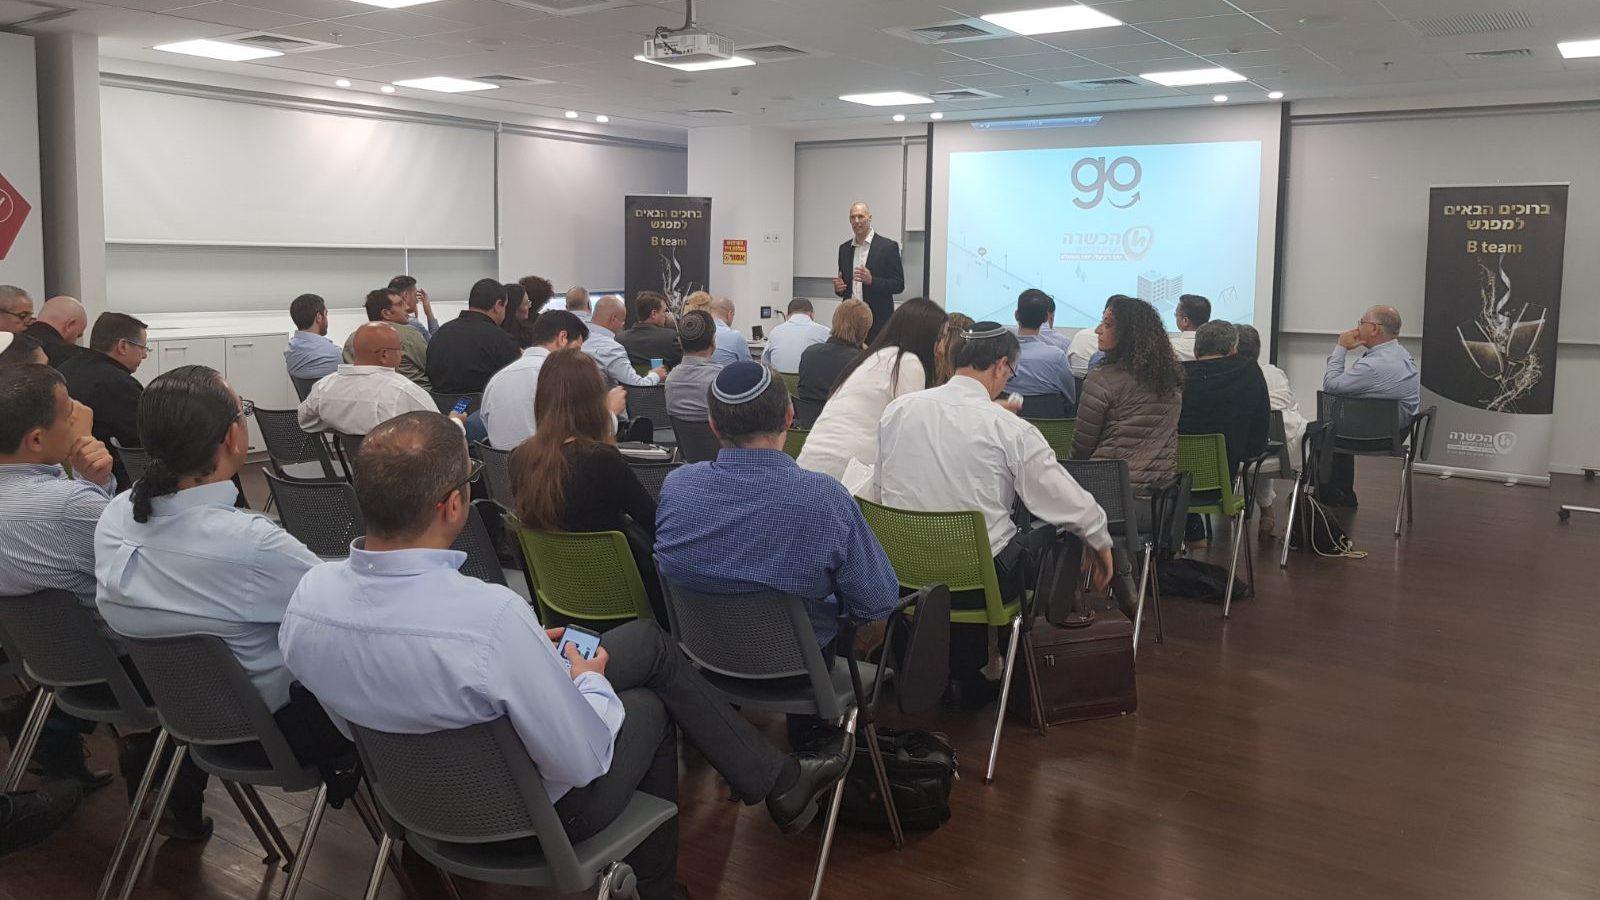 הכשרה הציגה בפני סוכני הבית את GO – פלטפורמת הביטוח הדיגיטלי לרכב